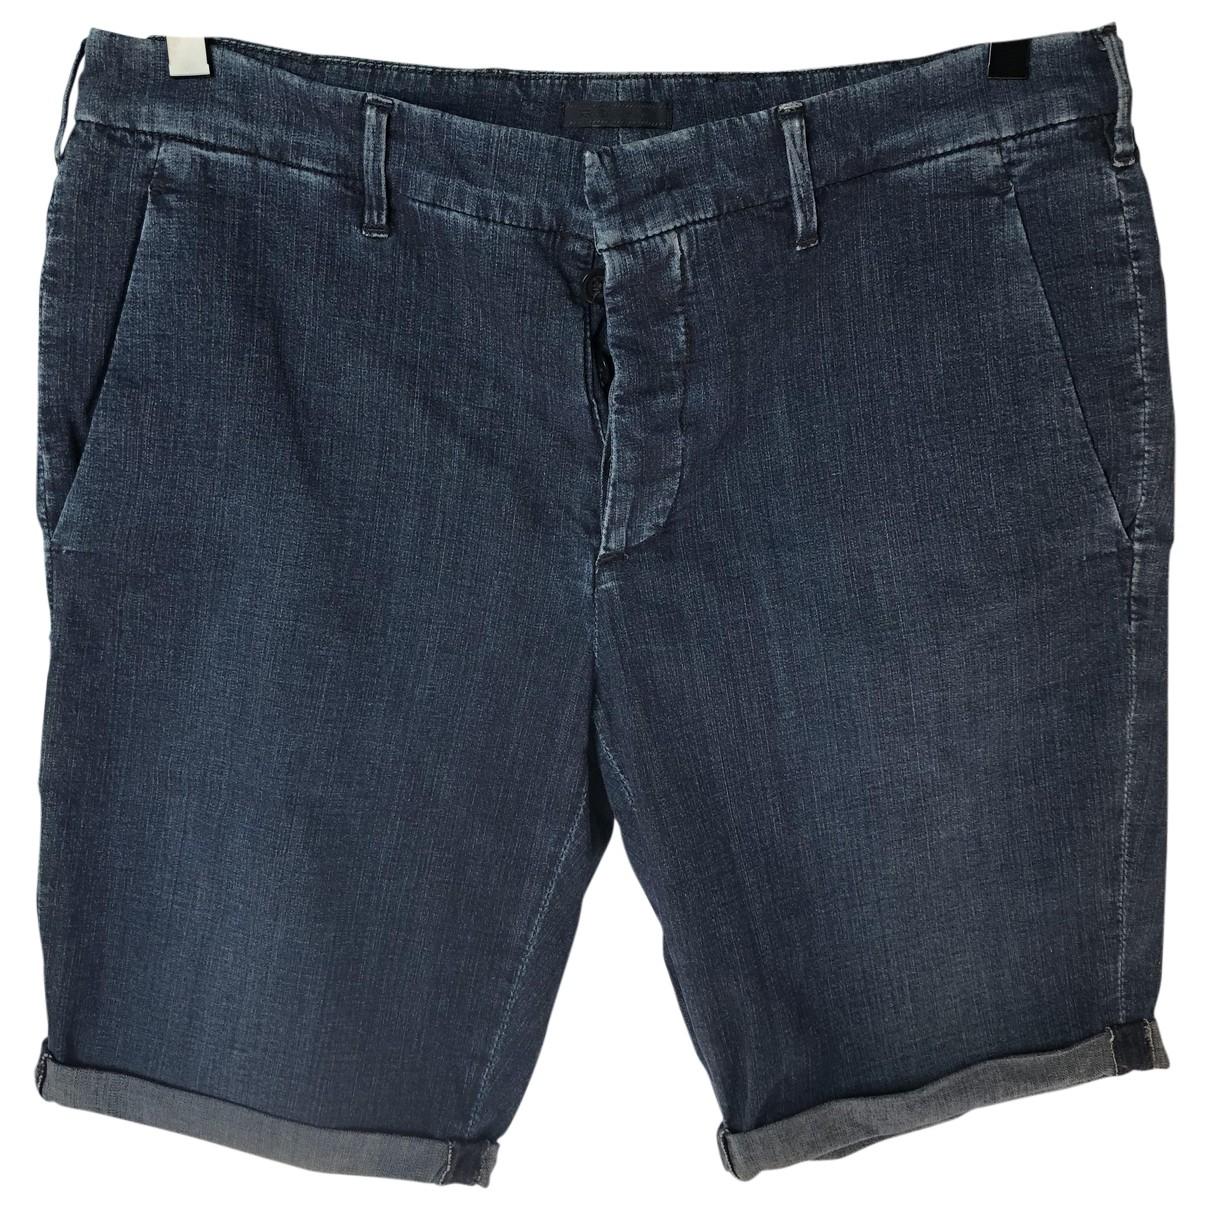 Pantalon corto Prada